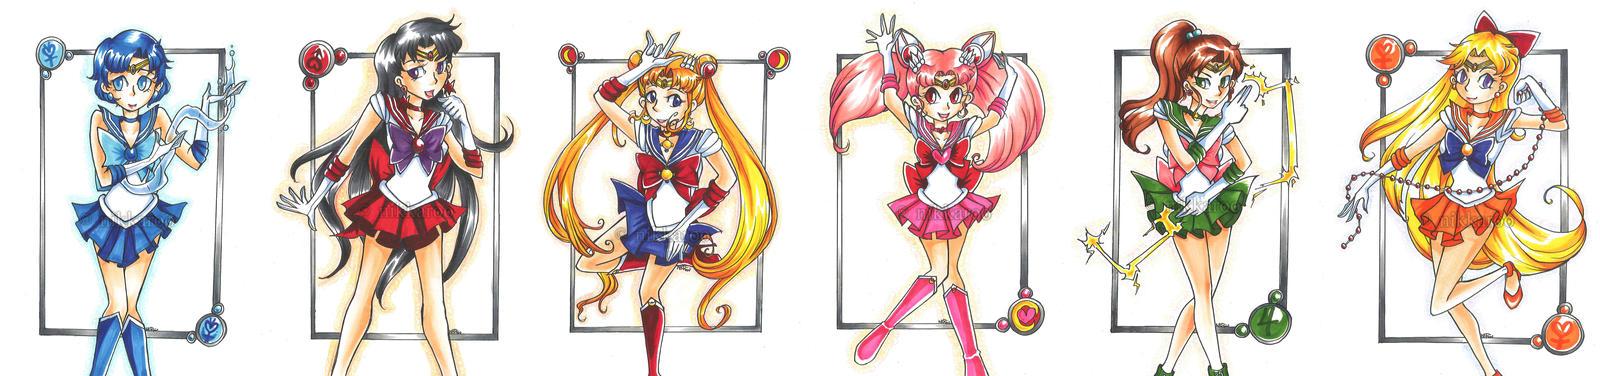 Sailor Senshi Nostalgia! by nikkaroo